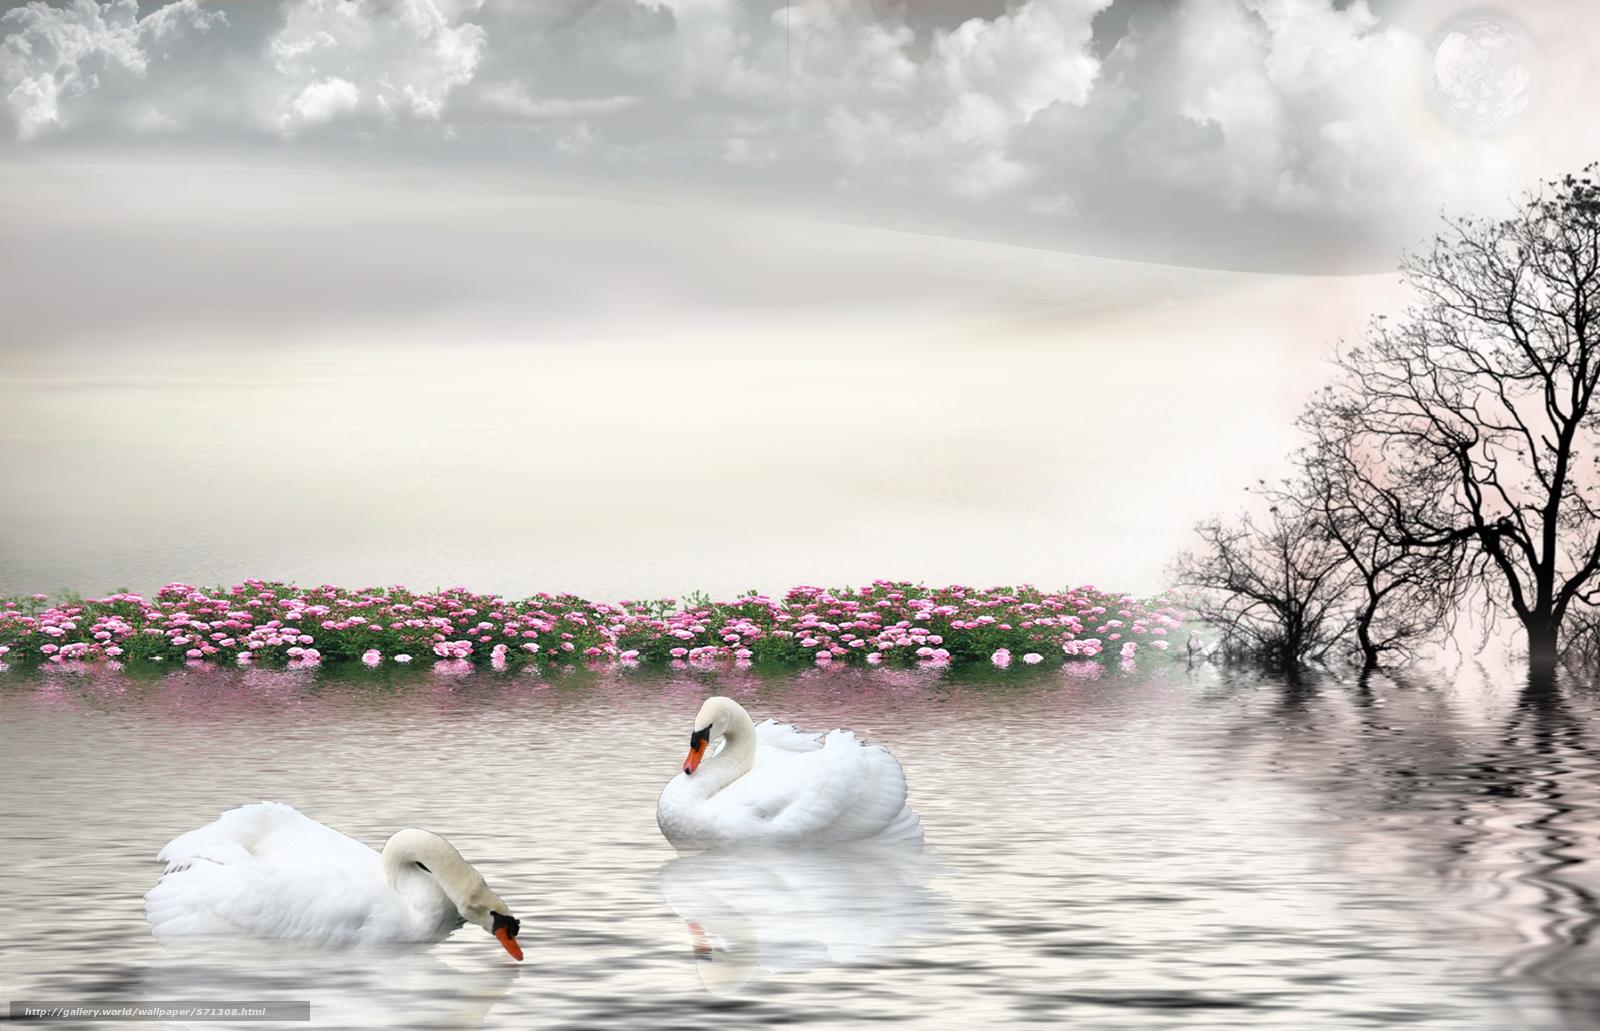 Скачать обои лебеди,  3d,  art бесплатно для рабочего стола в разрешении 5285x3407 — картинка №571308